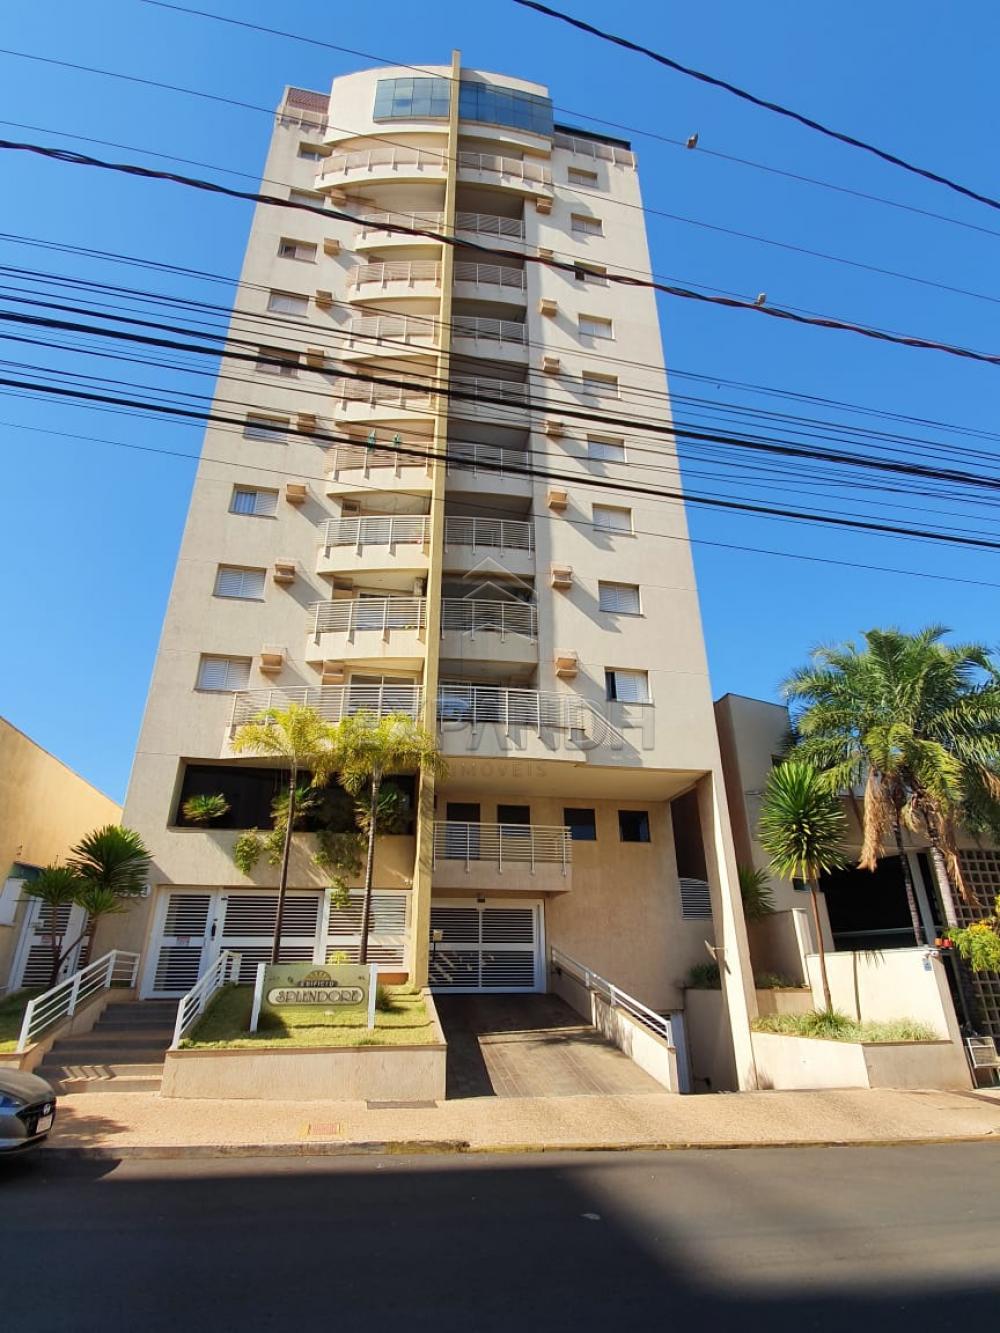 Comprar Apartamentos / Duplex em Sertãozinho R$ 890.000,00 - Foto 1